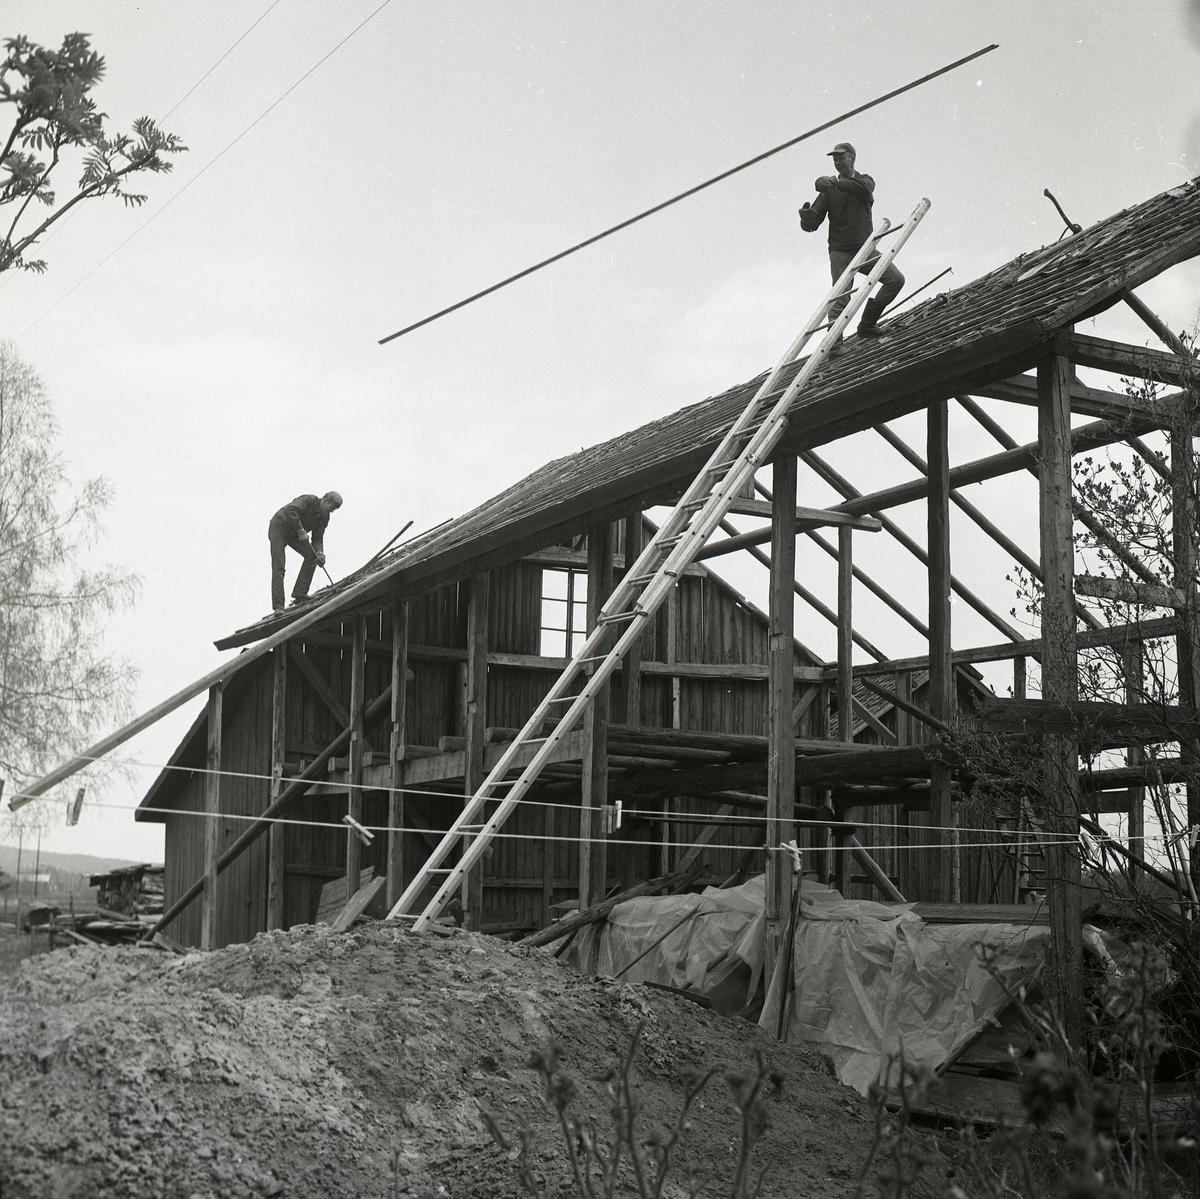 Två män arbetar med rivning av en byggnad.